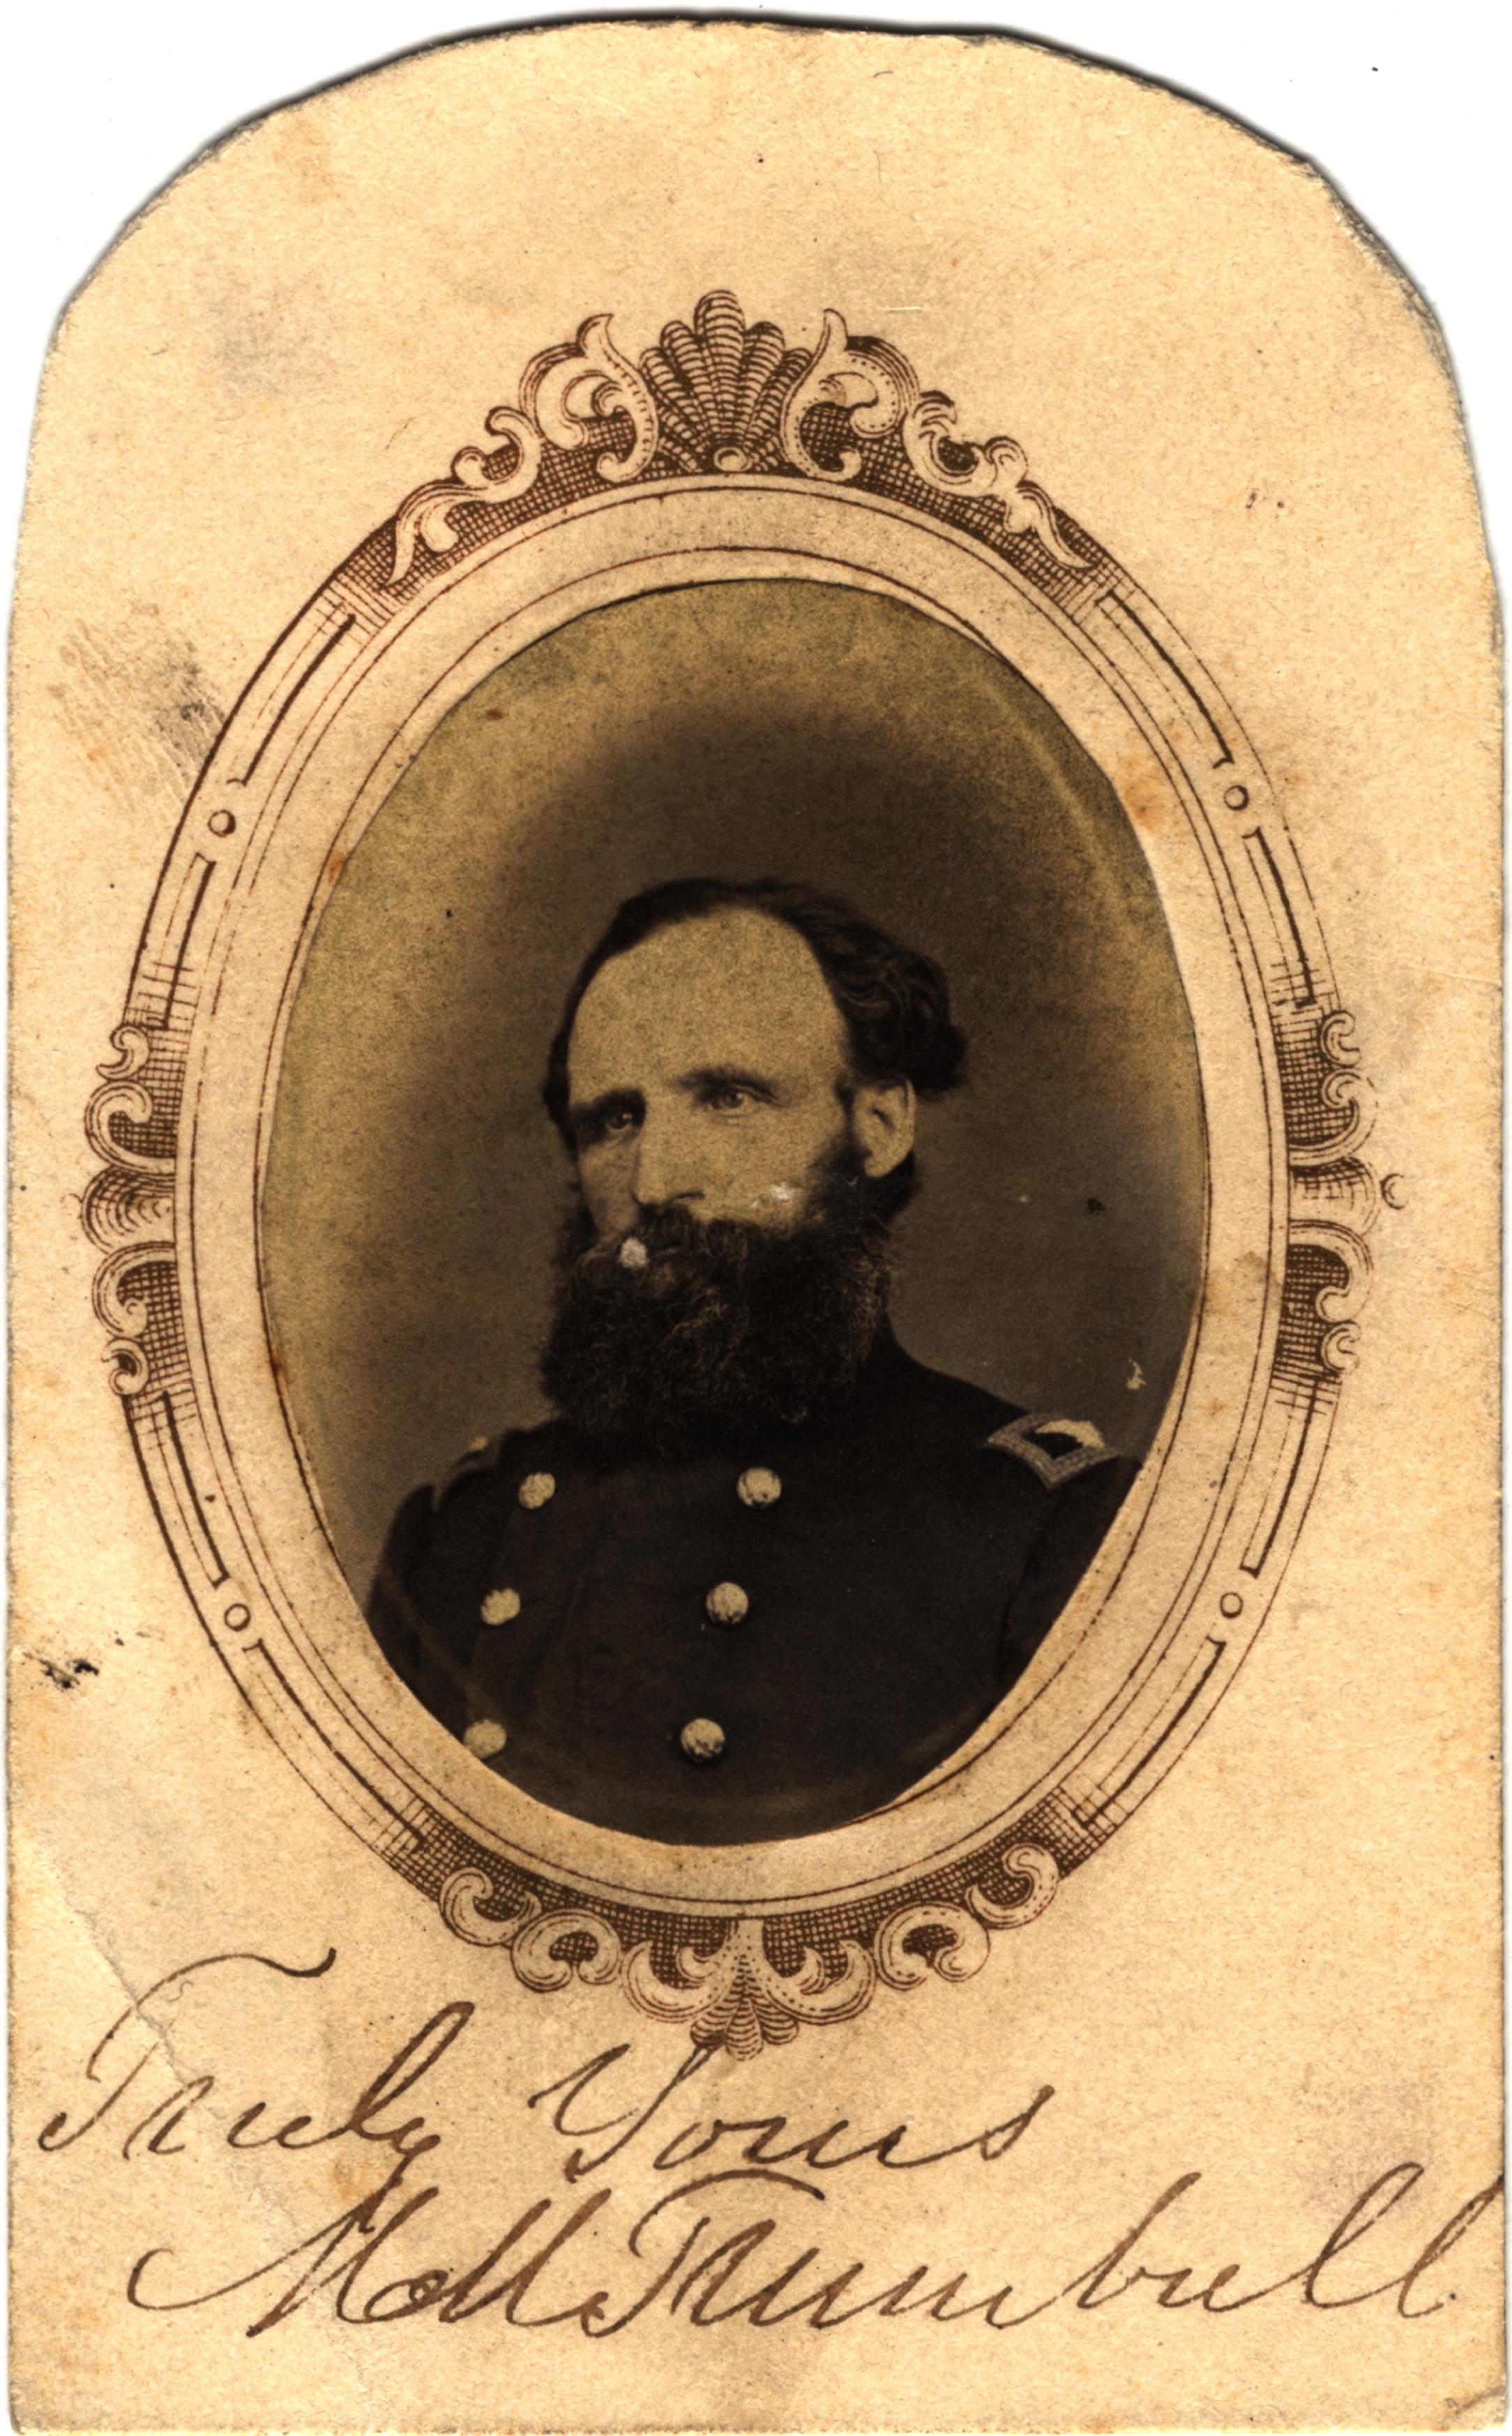 M. M. Trumbull, circa 1860s